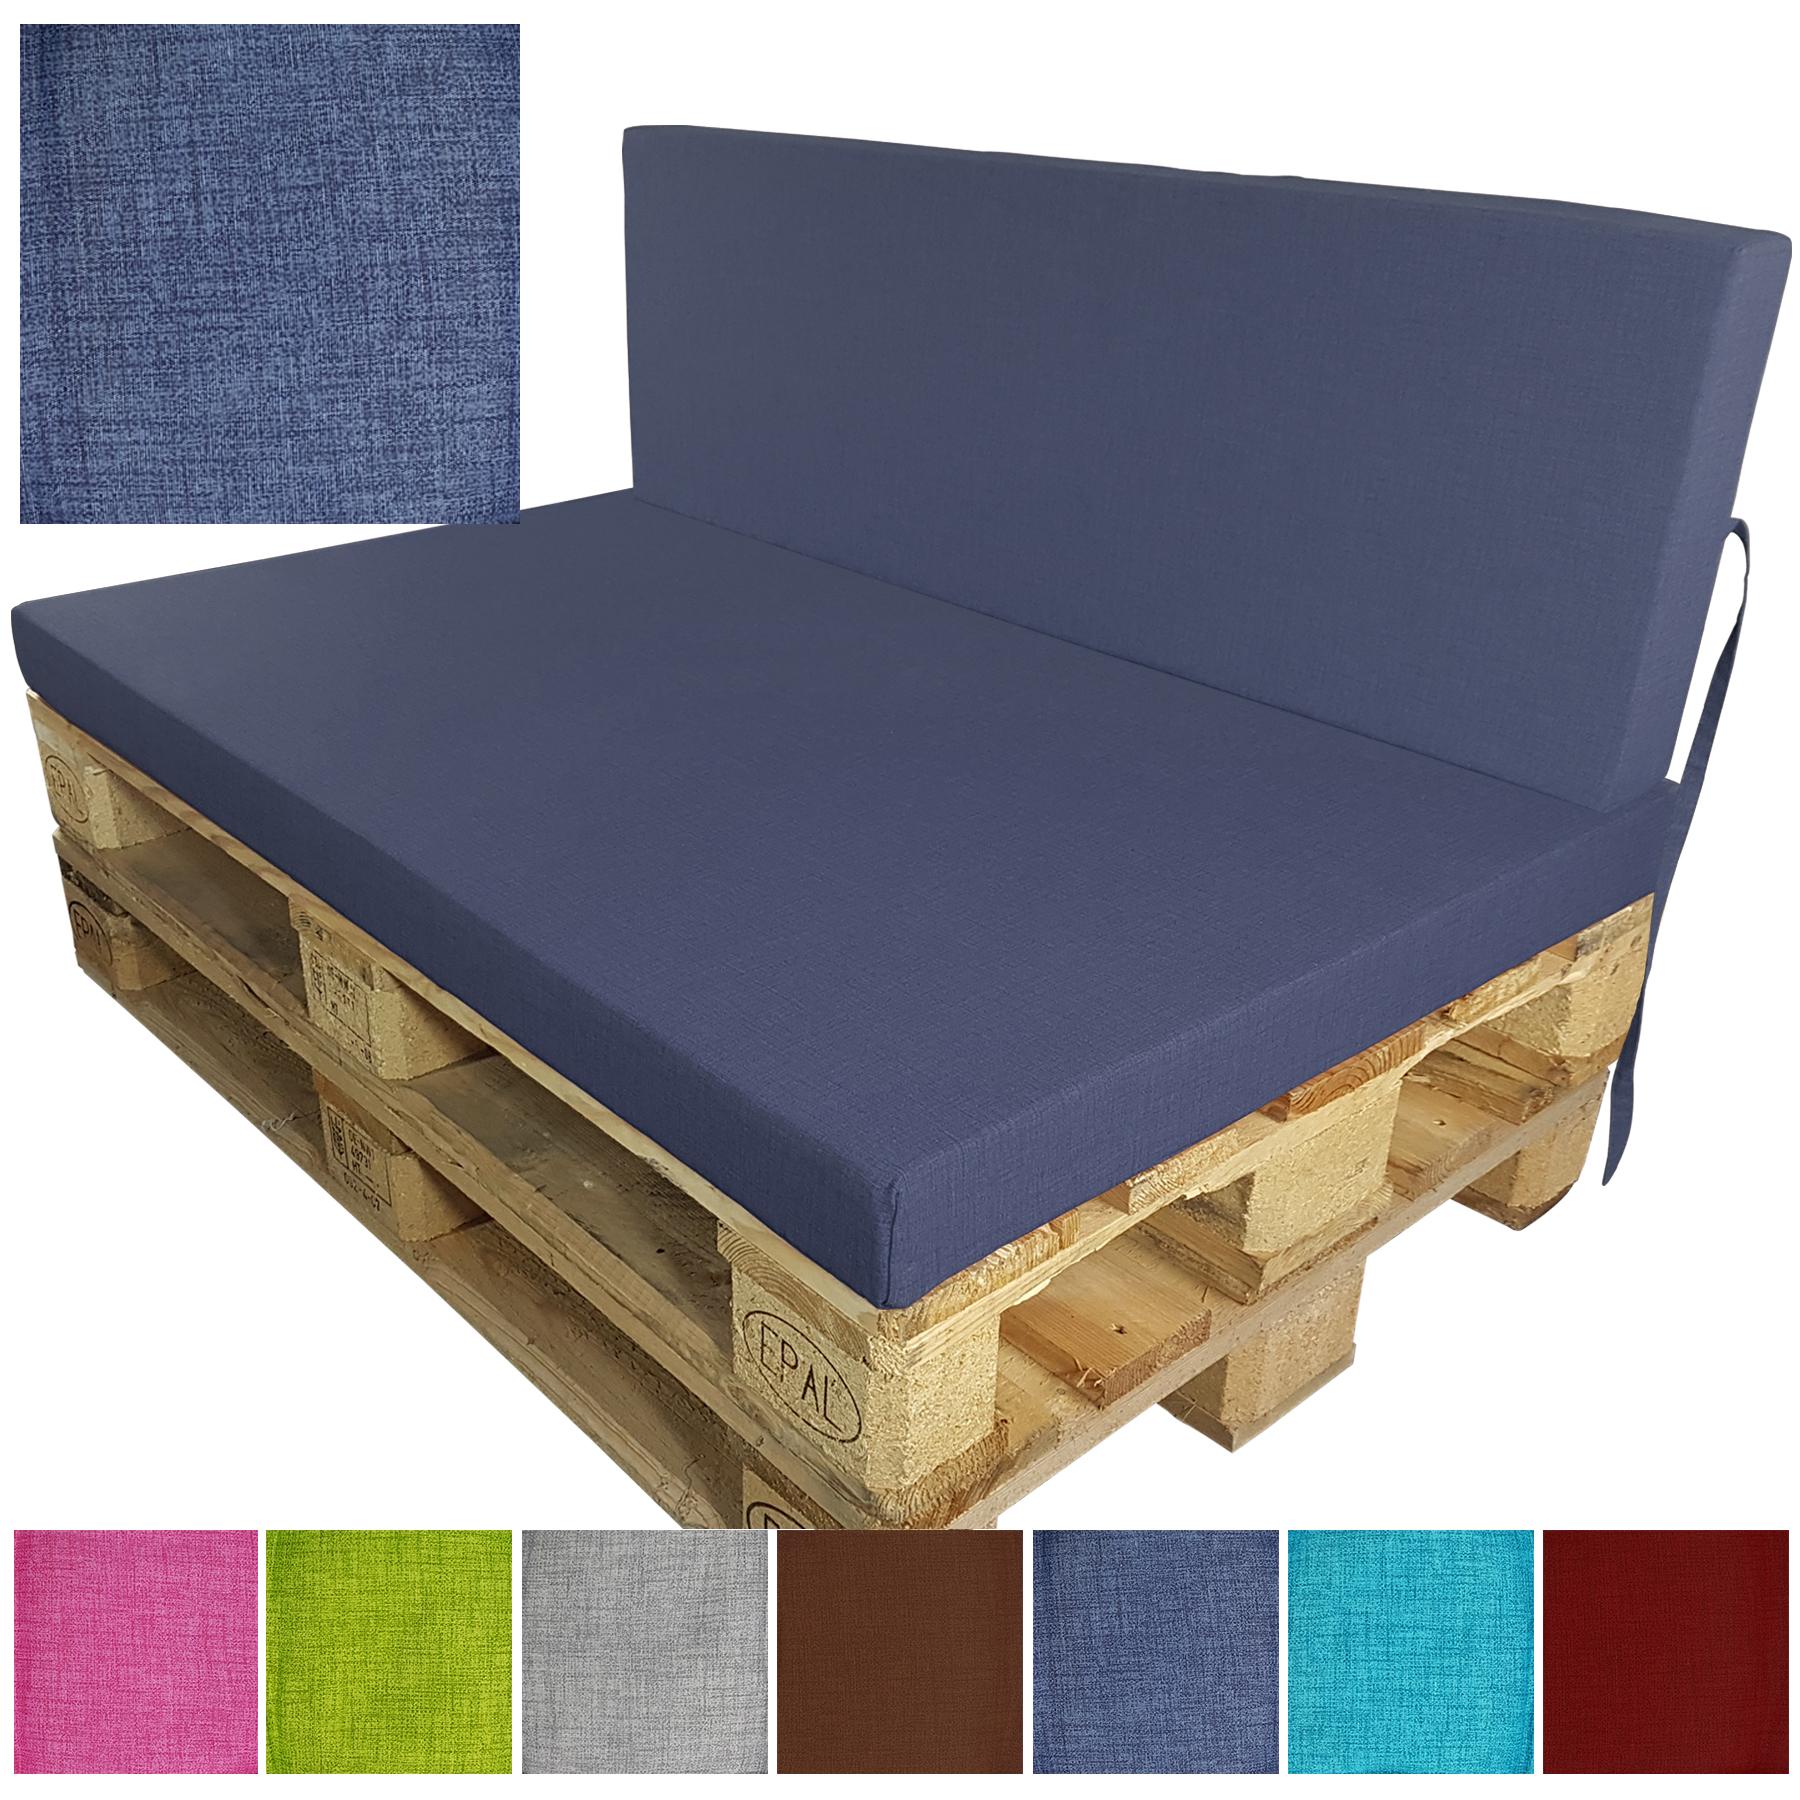 palettenkissen euro paletten polster outdoor sofa auflage sitzpolster sitzkissen ebay. Black Bedroom Furniture Sets. Home Design Ideas